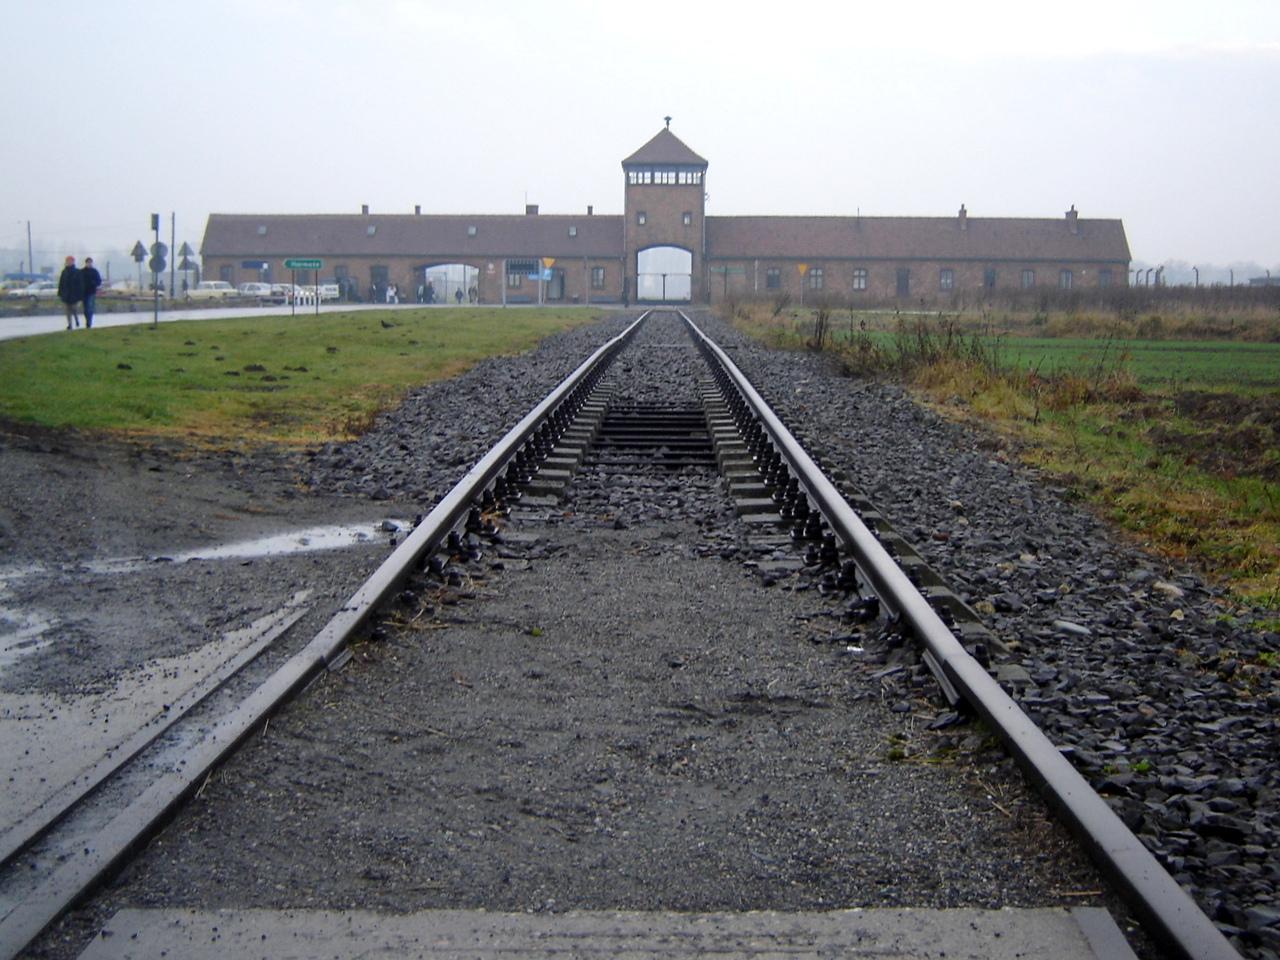 A emblemática entrada do campo Auschwitz-Birkenau